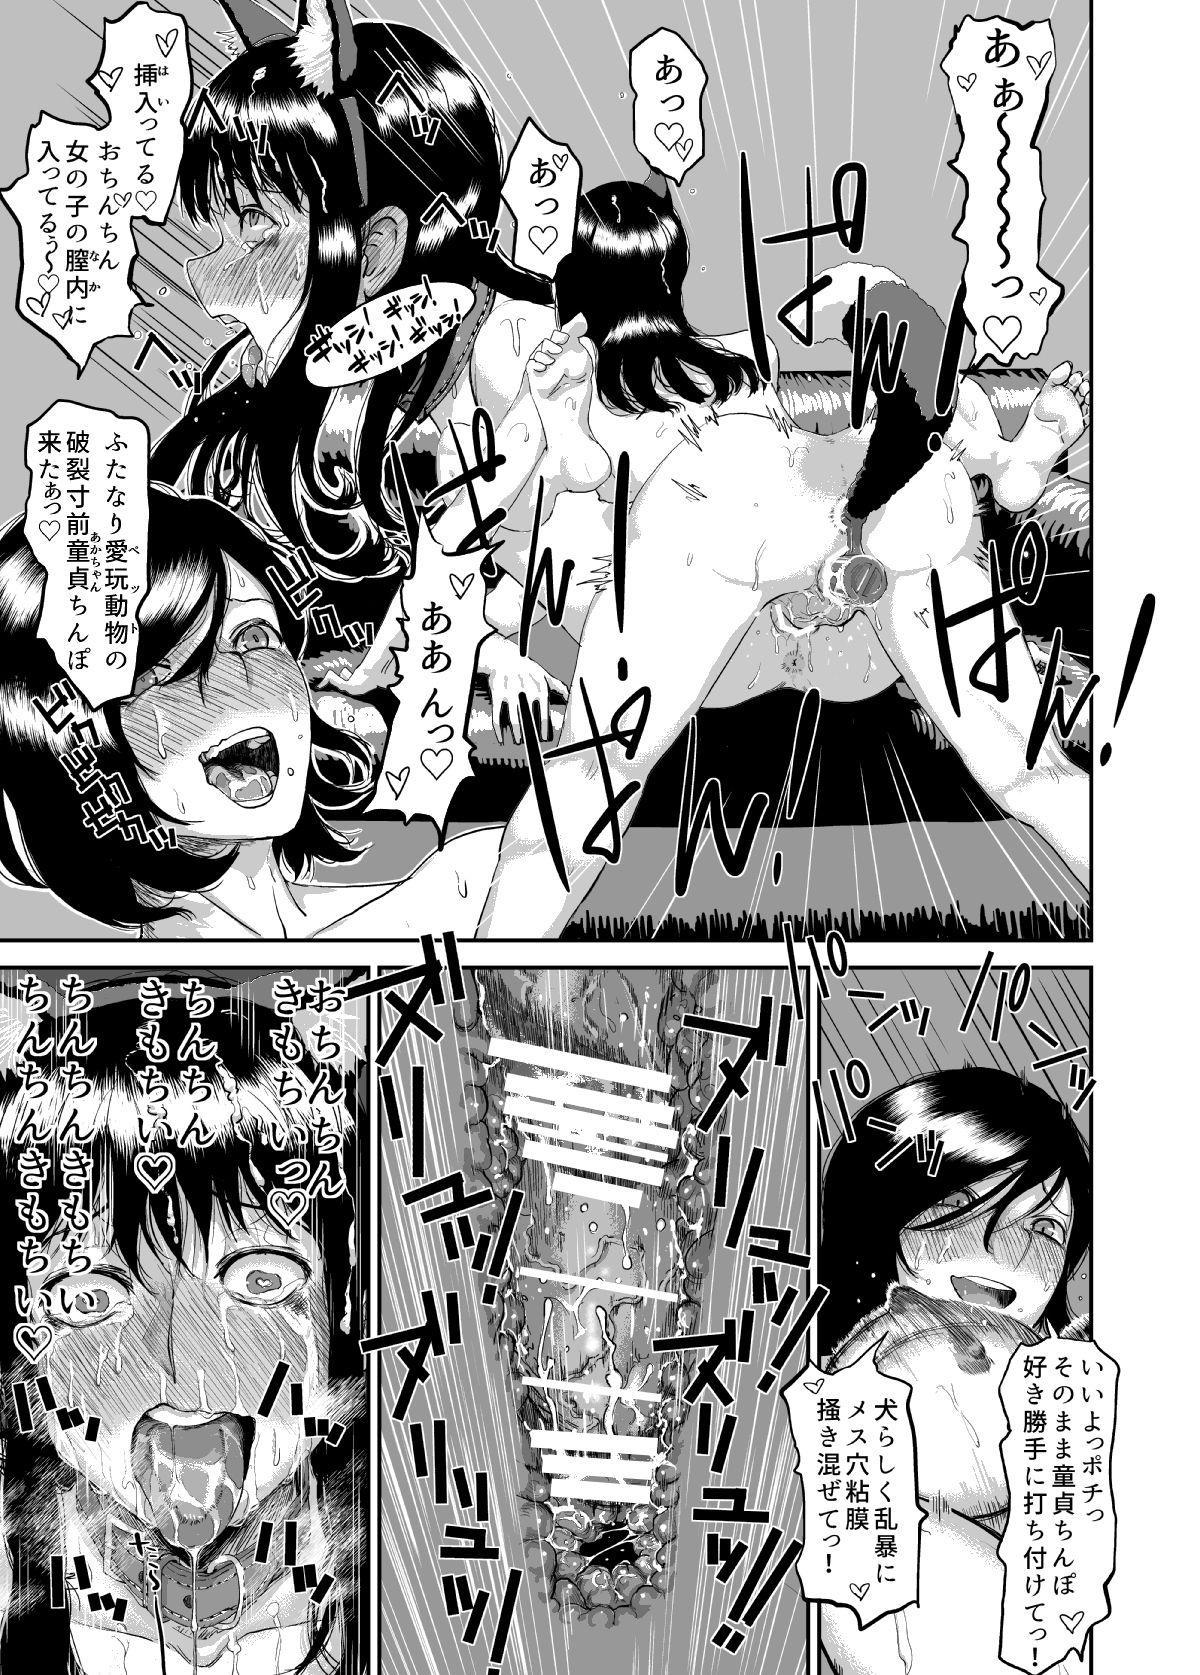 Tadashii Inu no Shitsuke ke Kata 16